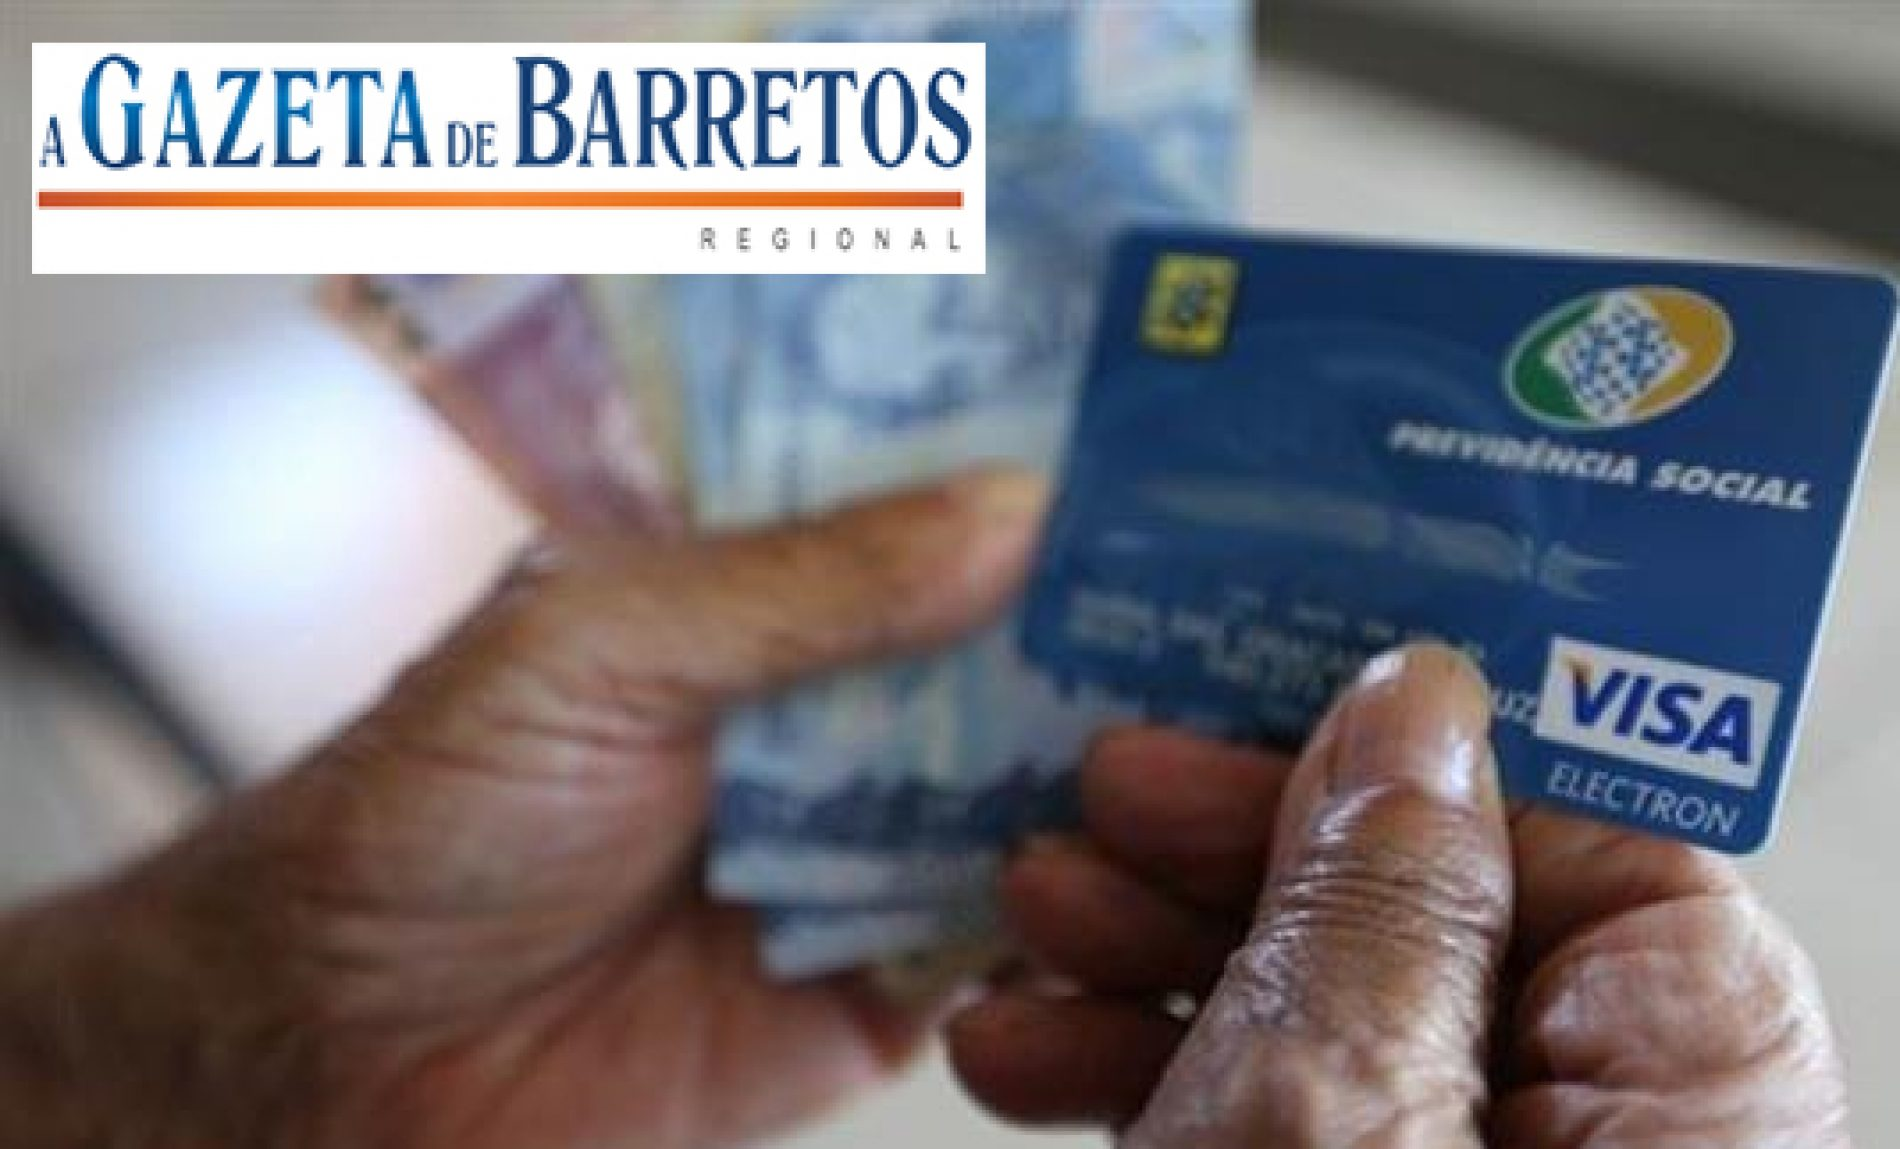 Sem saber que estava aposentado, homem tem empréstimos e saques indevidos em sua conta